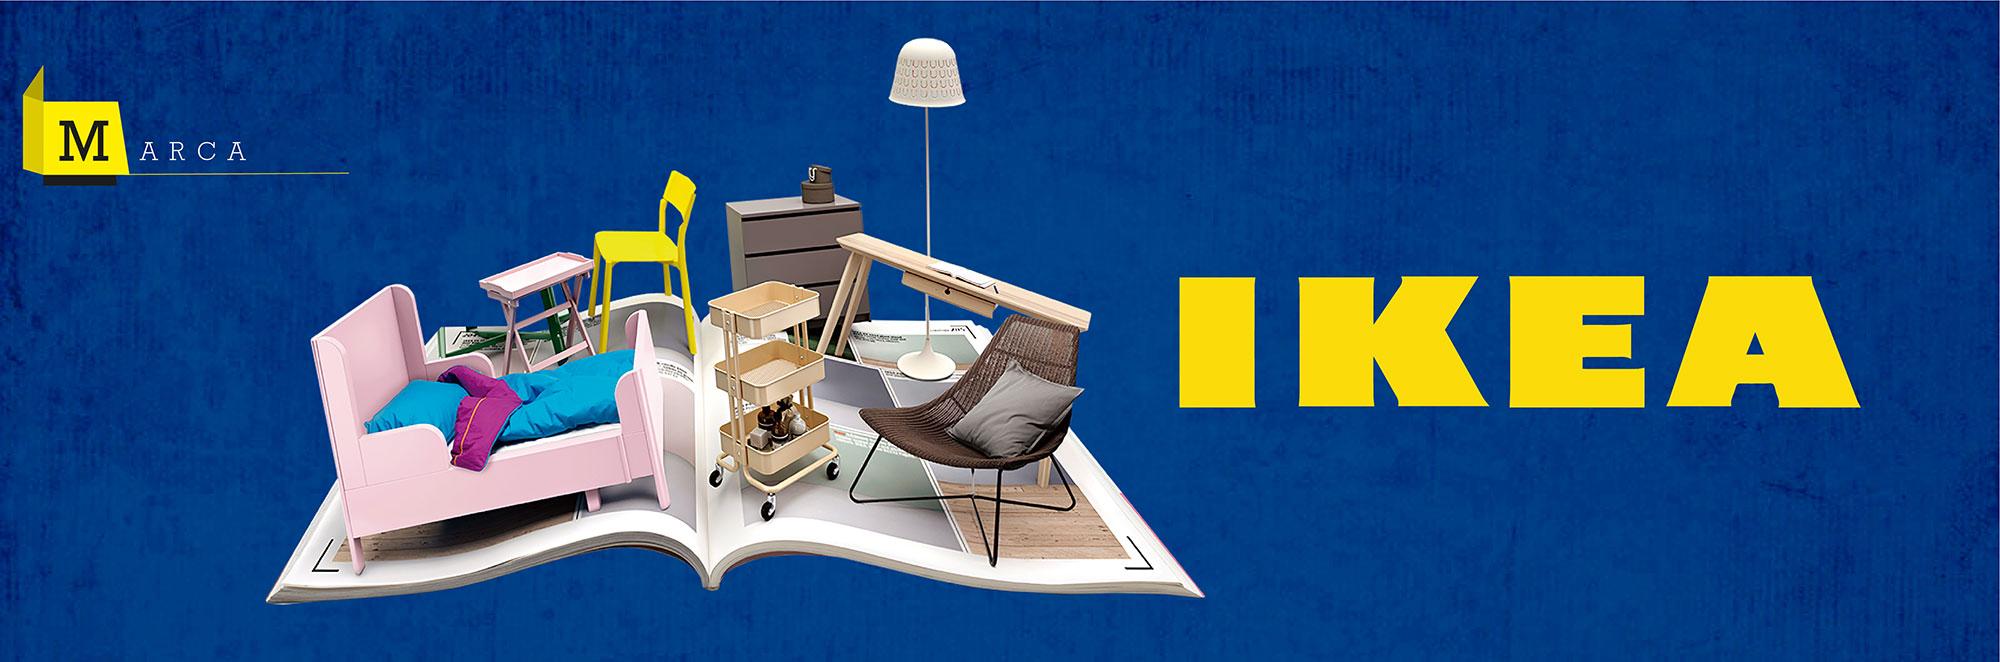 Ikea dise o contempor neo en el hogar grupo innova arte for Todo el diseno del hogar